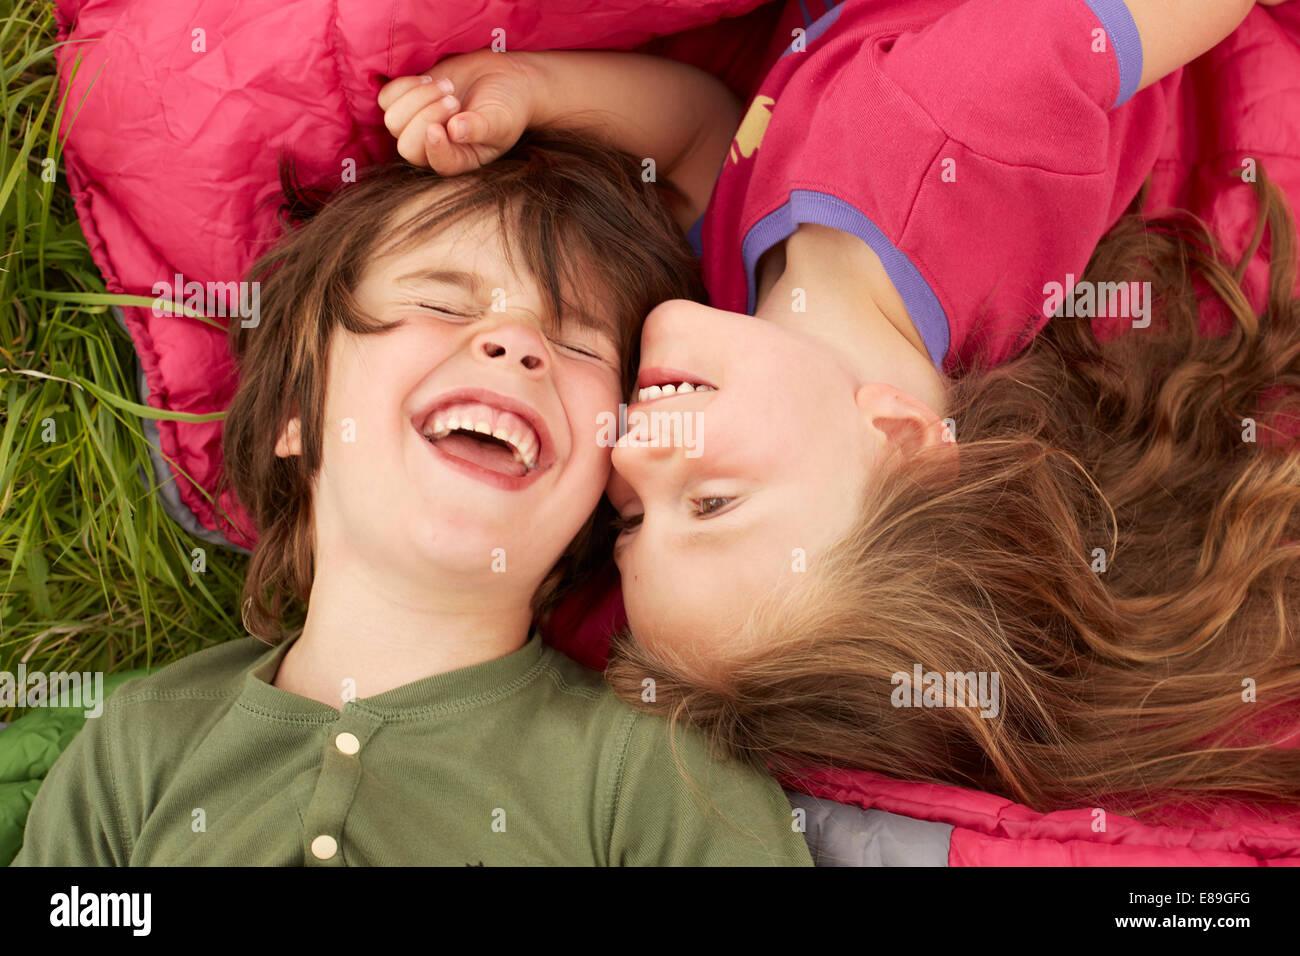 Jungen und Mädchen Lachen während der Verlegung auf Schlafsäcke Stockbild